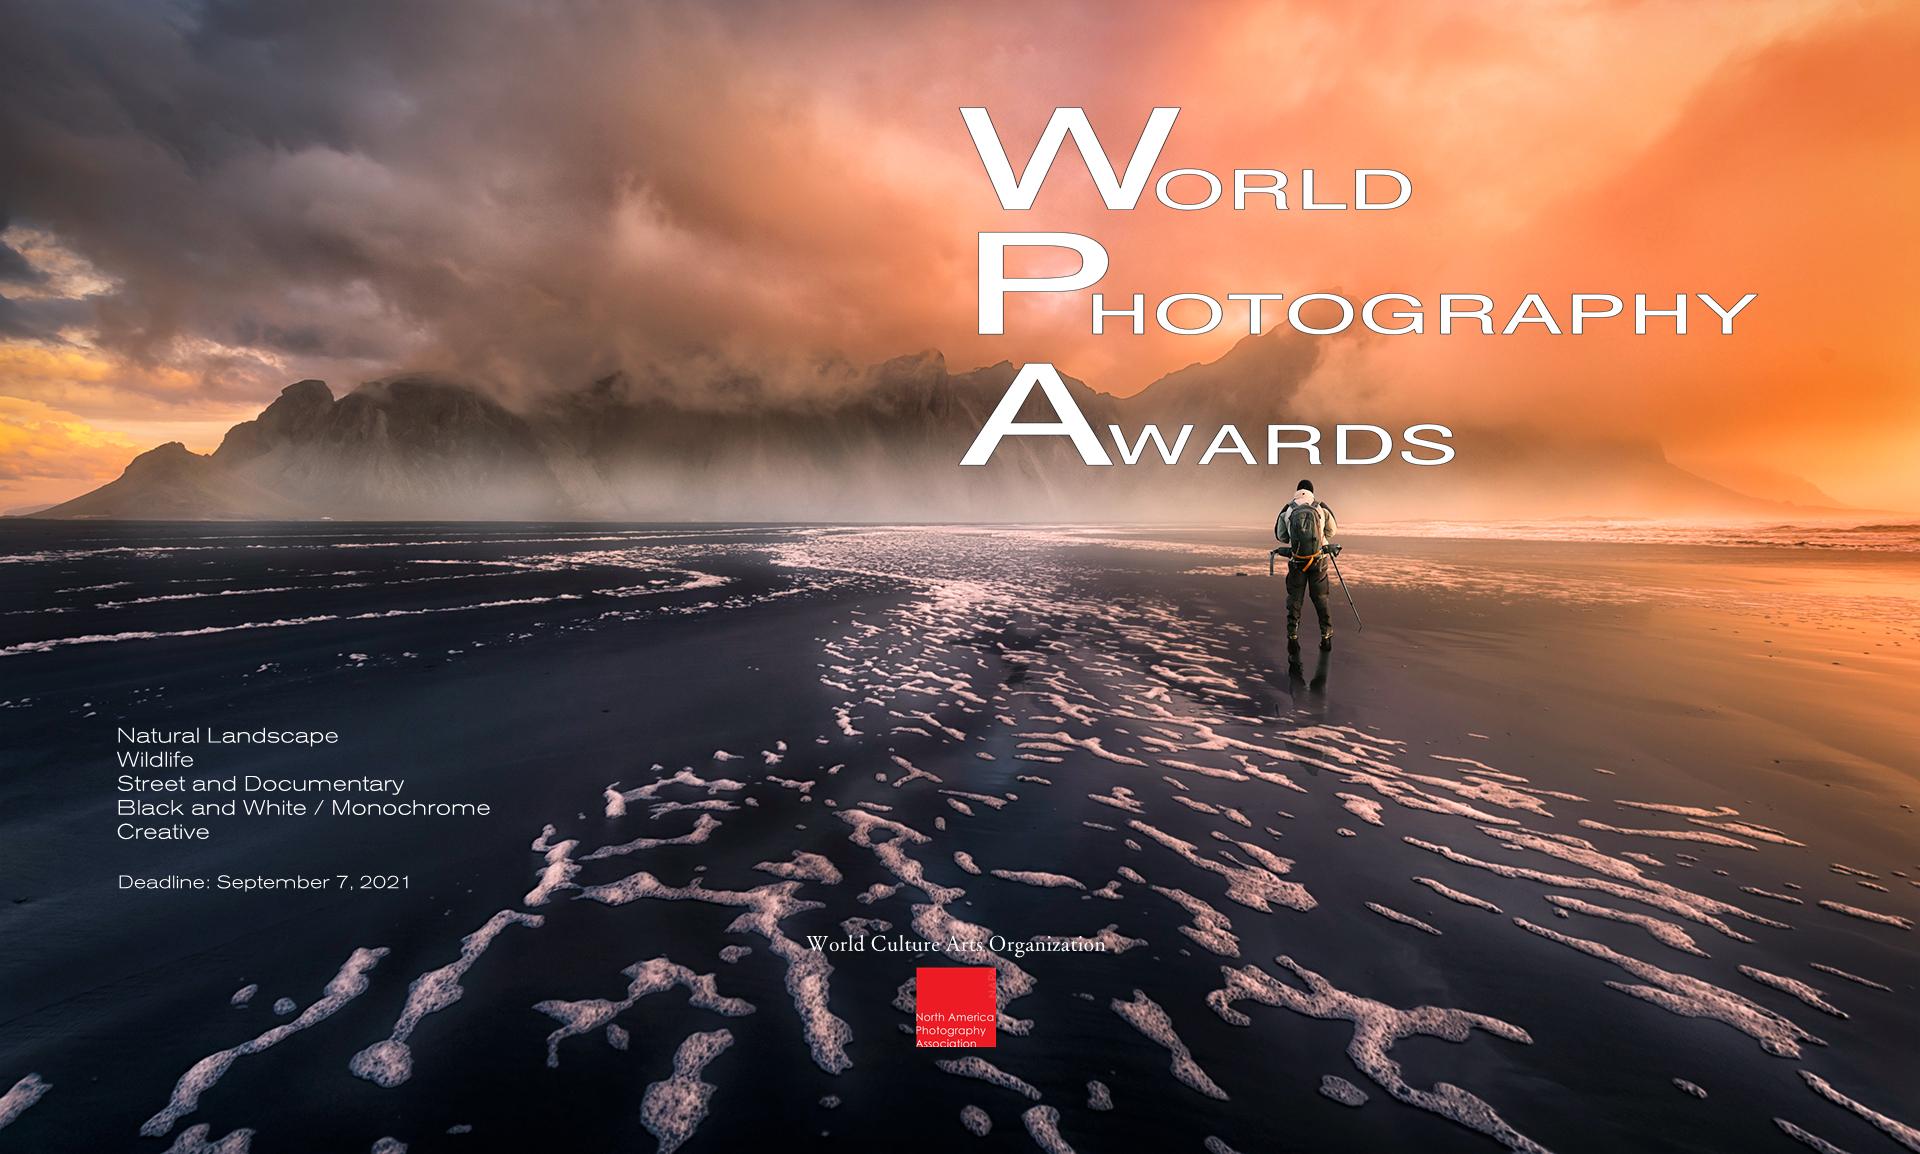 World Photography Awards 2021